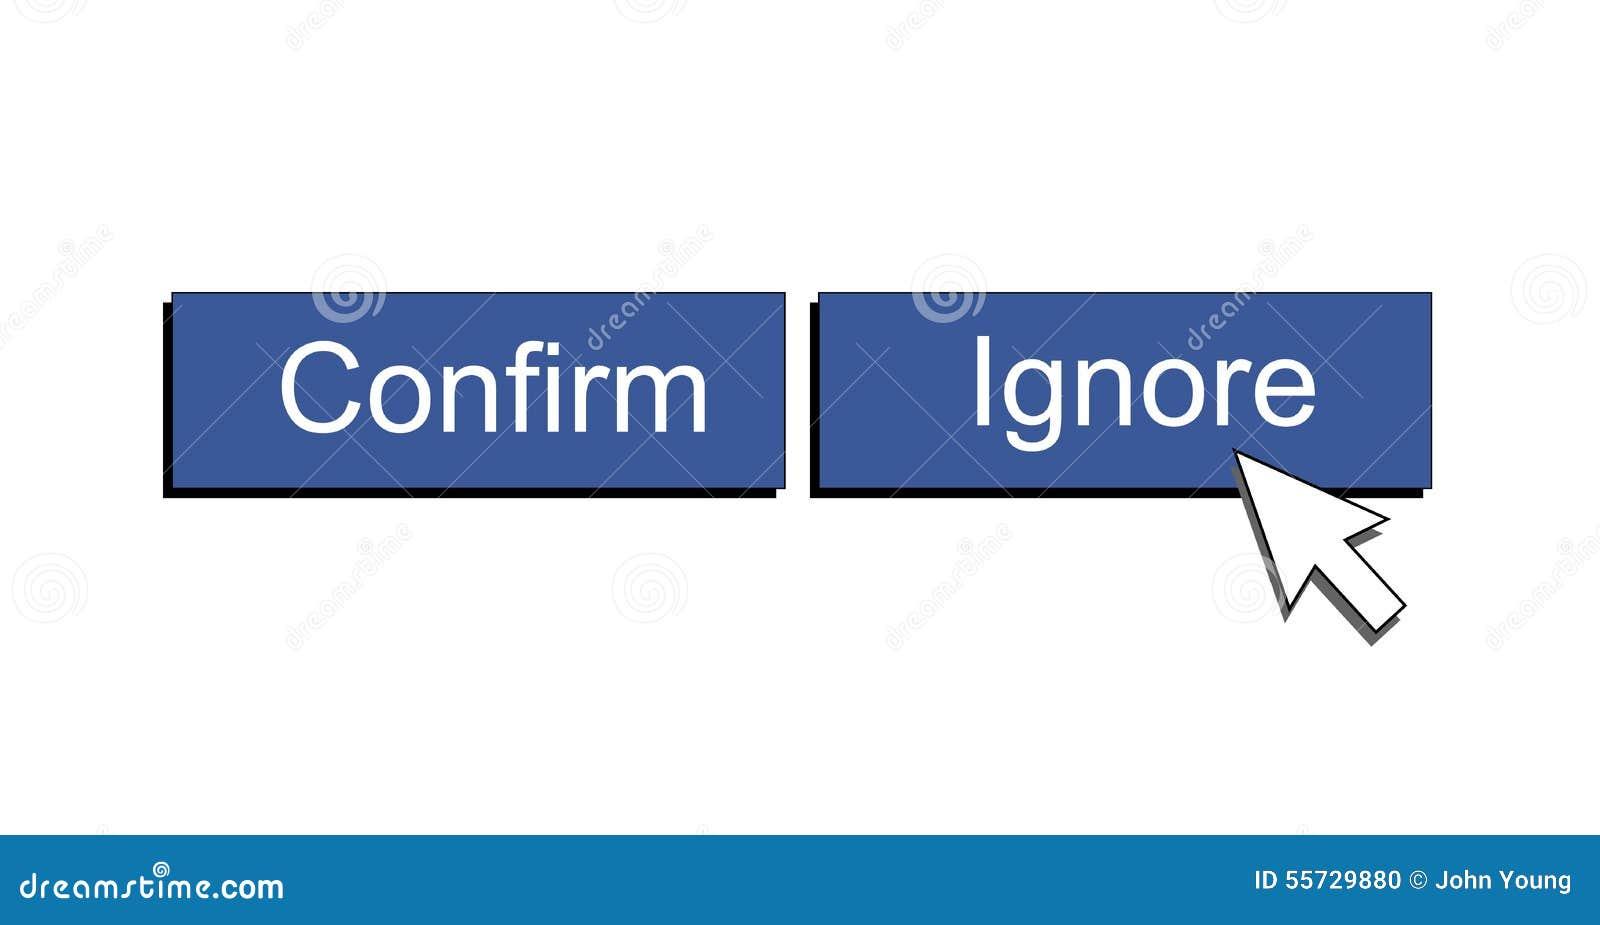 ignore facebook relationship request